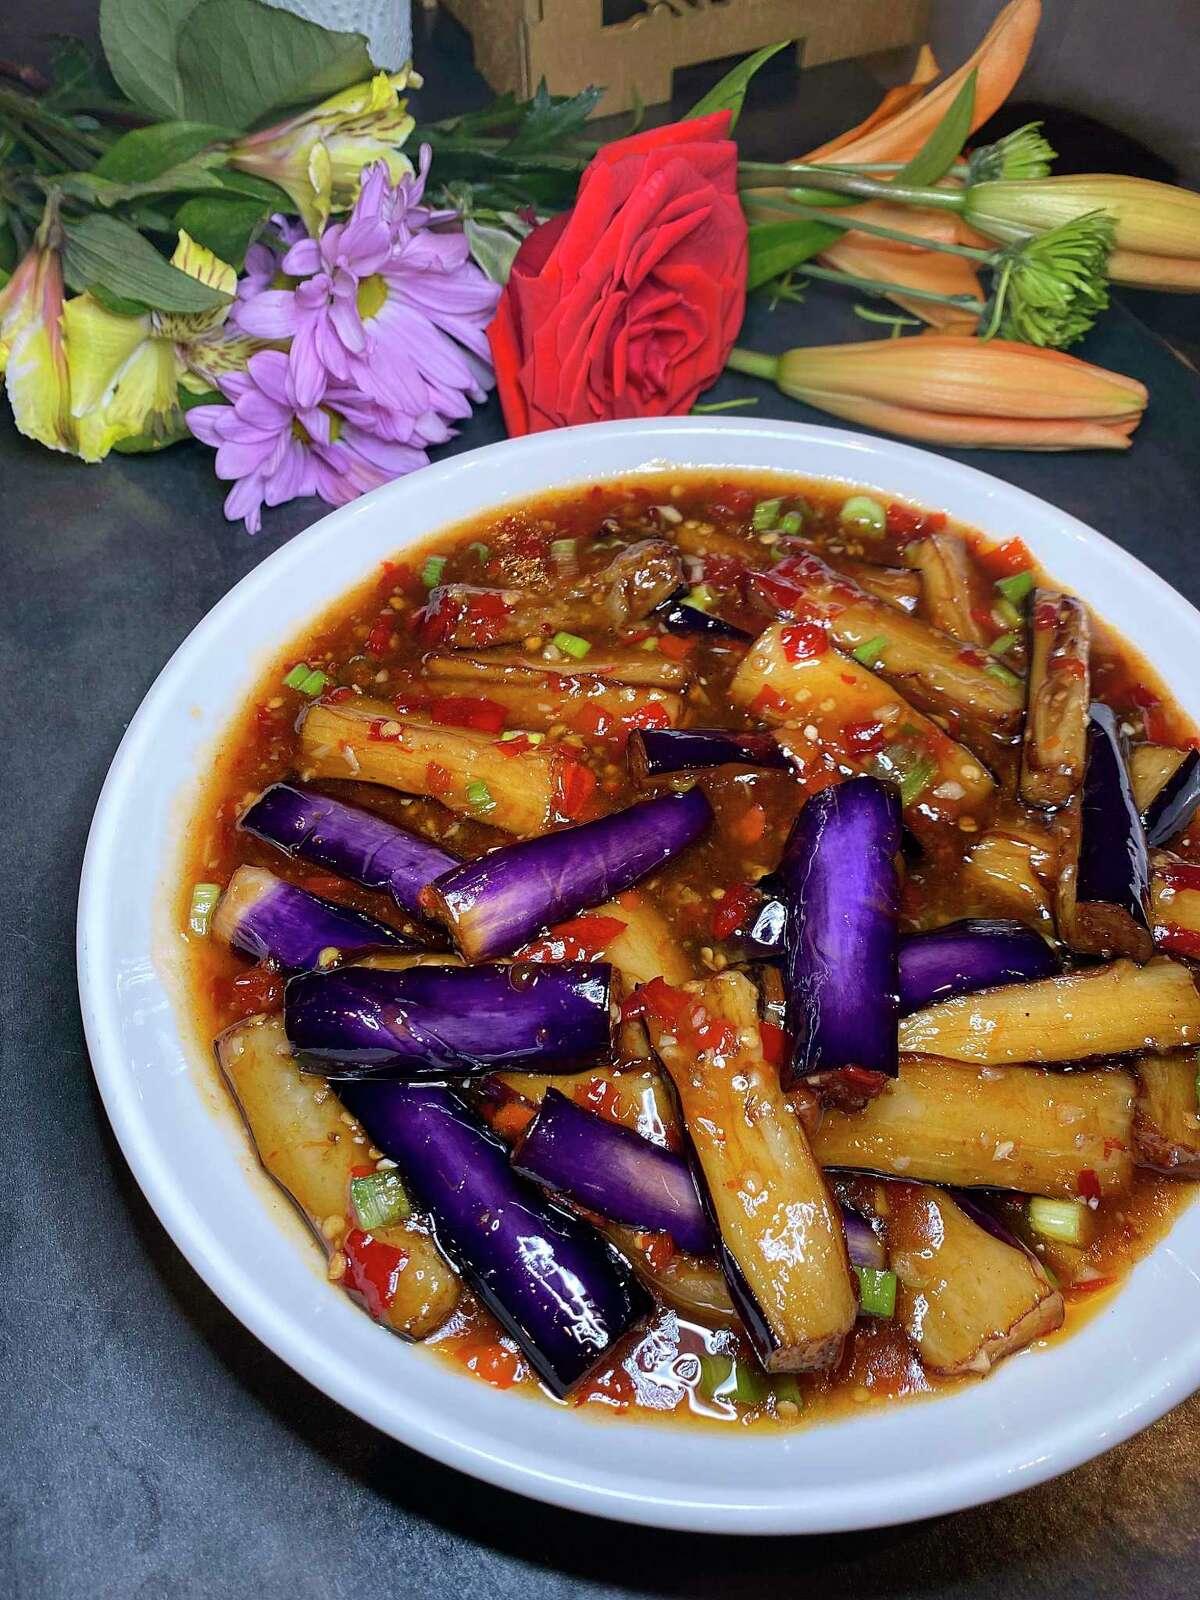 Spicy garlic eggplant is a colorful stir-fry at Dashi Sichuan Kitchen + Bar.